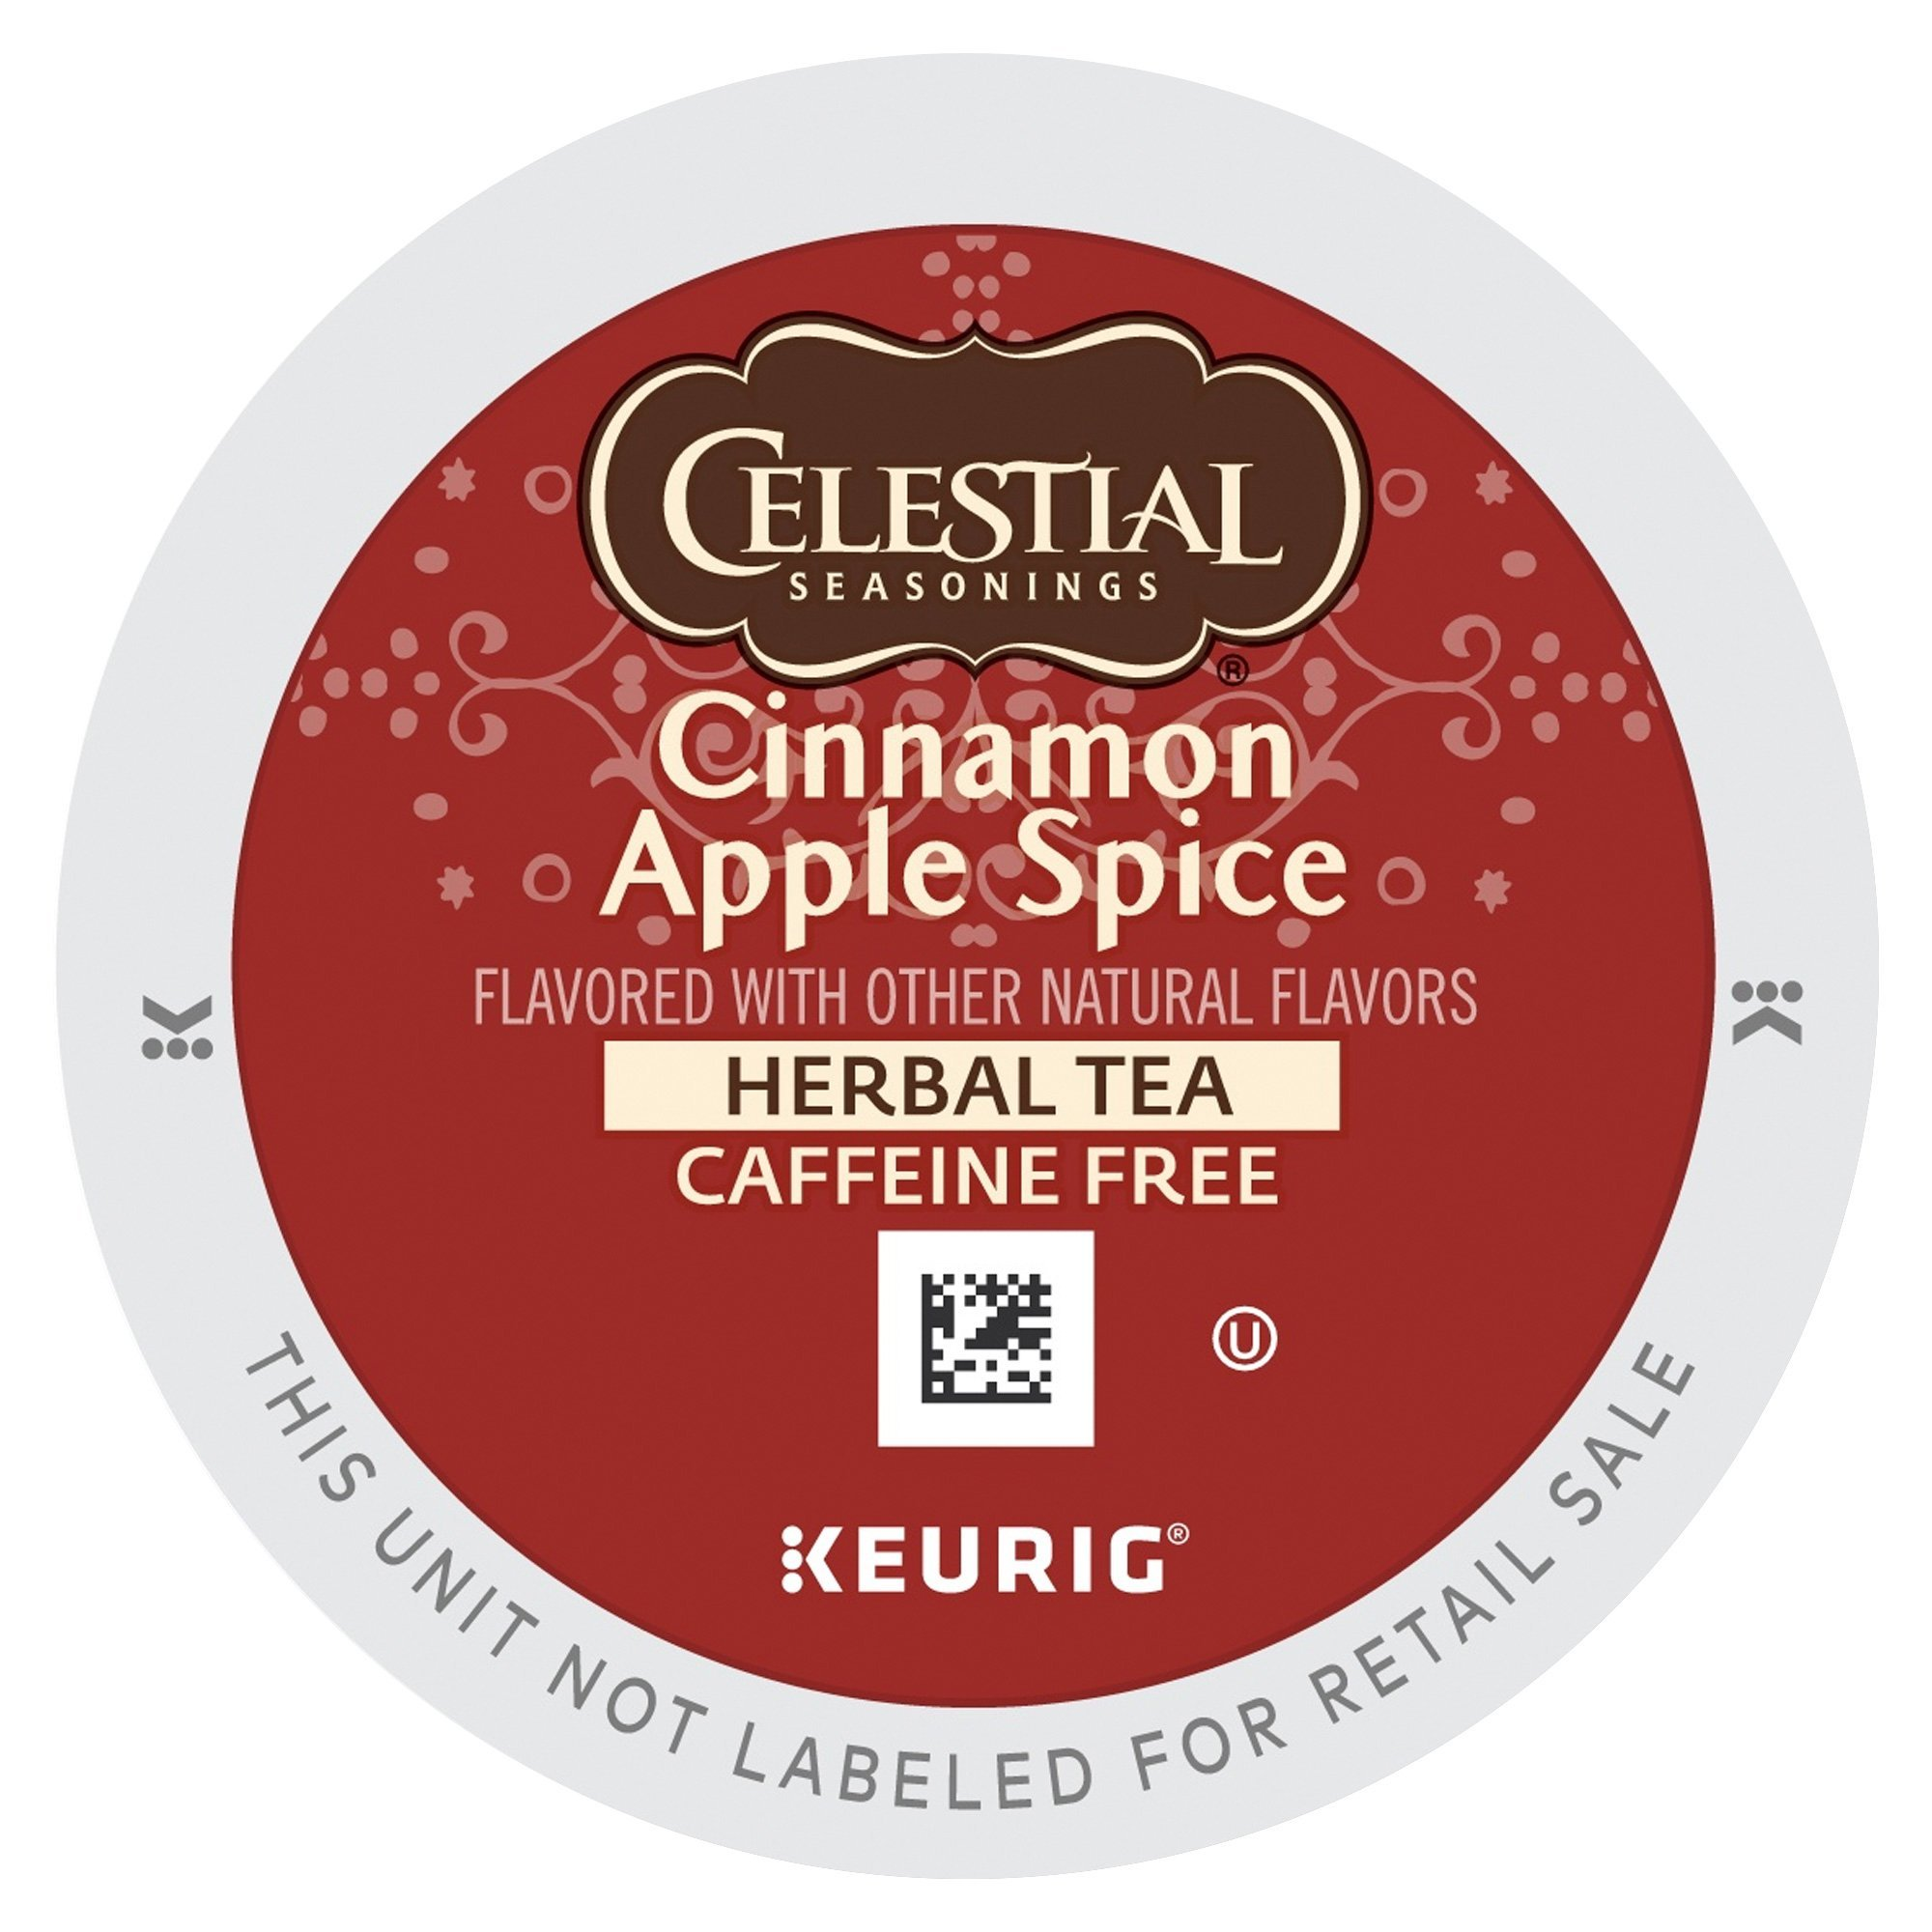 Celestial Seasonings Cinnamon Apple Spice Herbal Tea K Cups 24 count by Celestial Seasonings (Image #1)